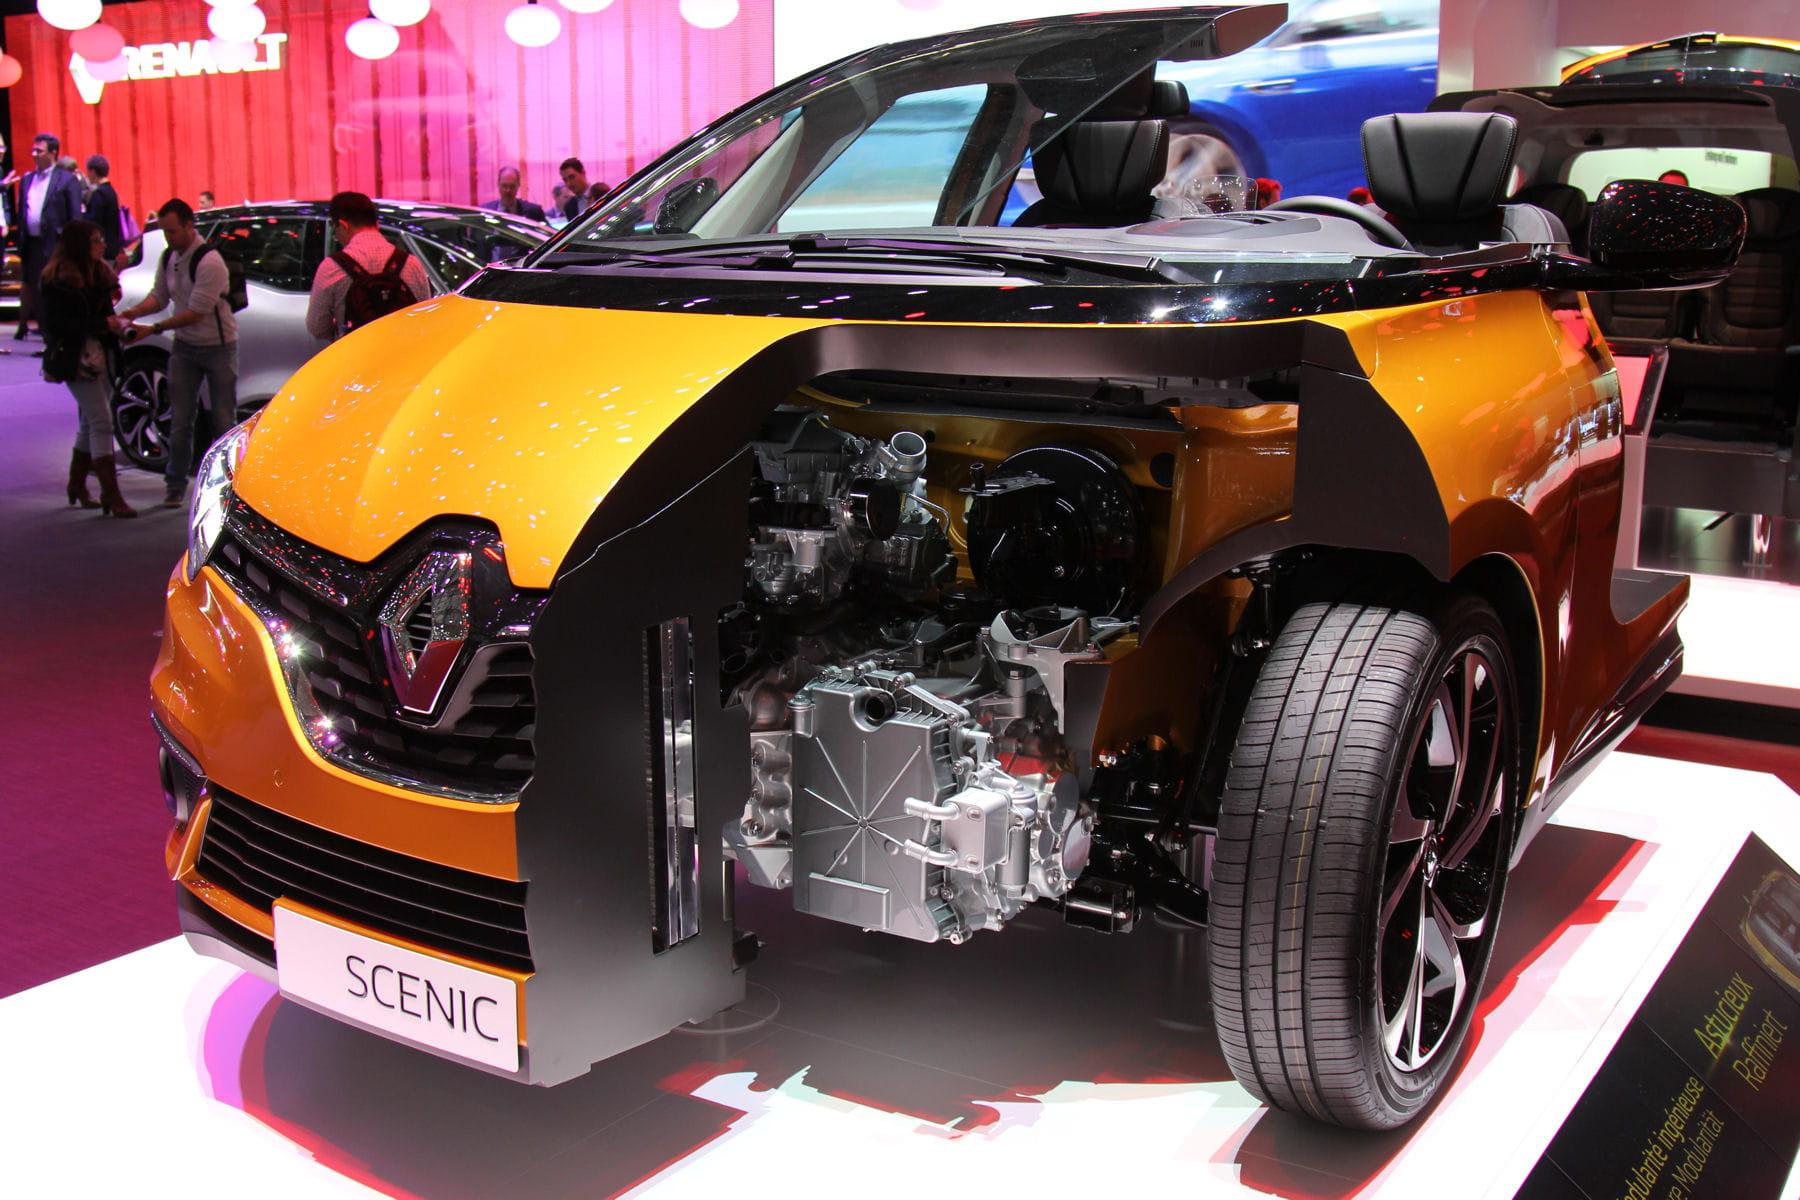 un moteur hybride fin 2016 le nouveau renault sc nic 4 sous toutes les coutures linternaute. Black Bedroom Furniture Sets. Home Design Ideas